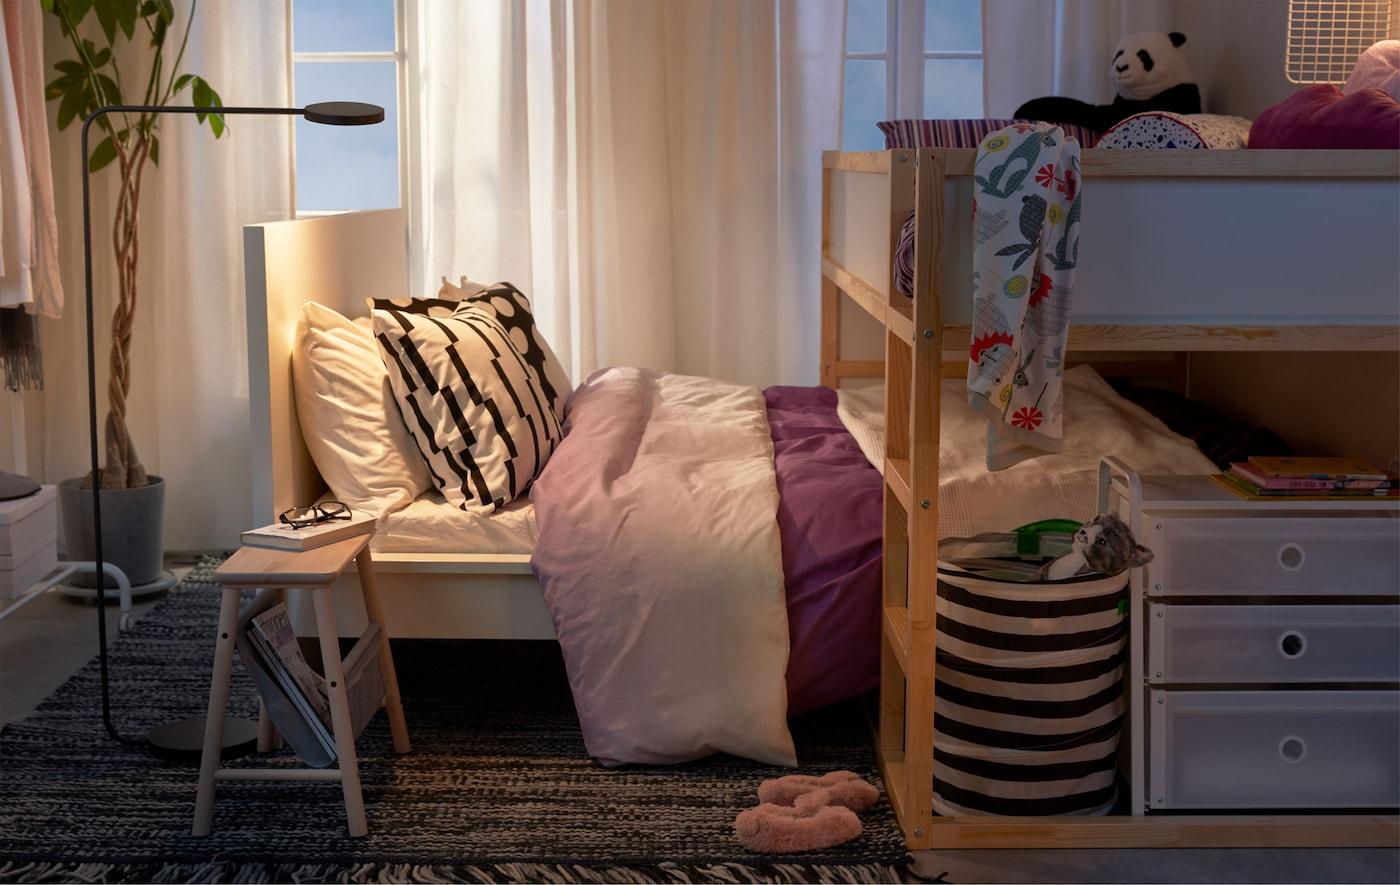 Lit mezzanine pour enfant, à côté du lit des parents, dans une petite chambre à coucher